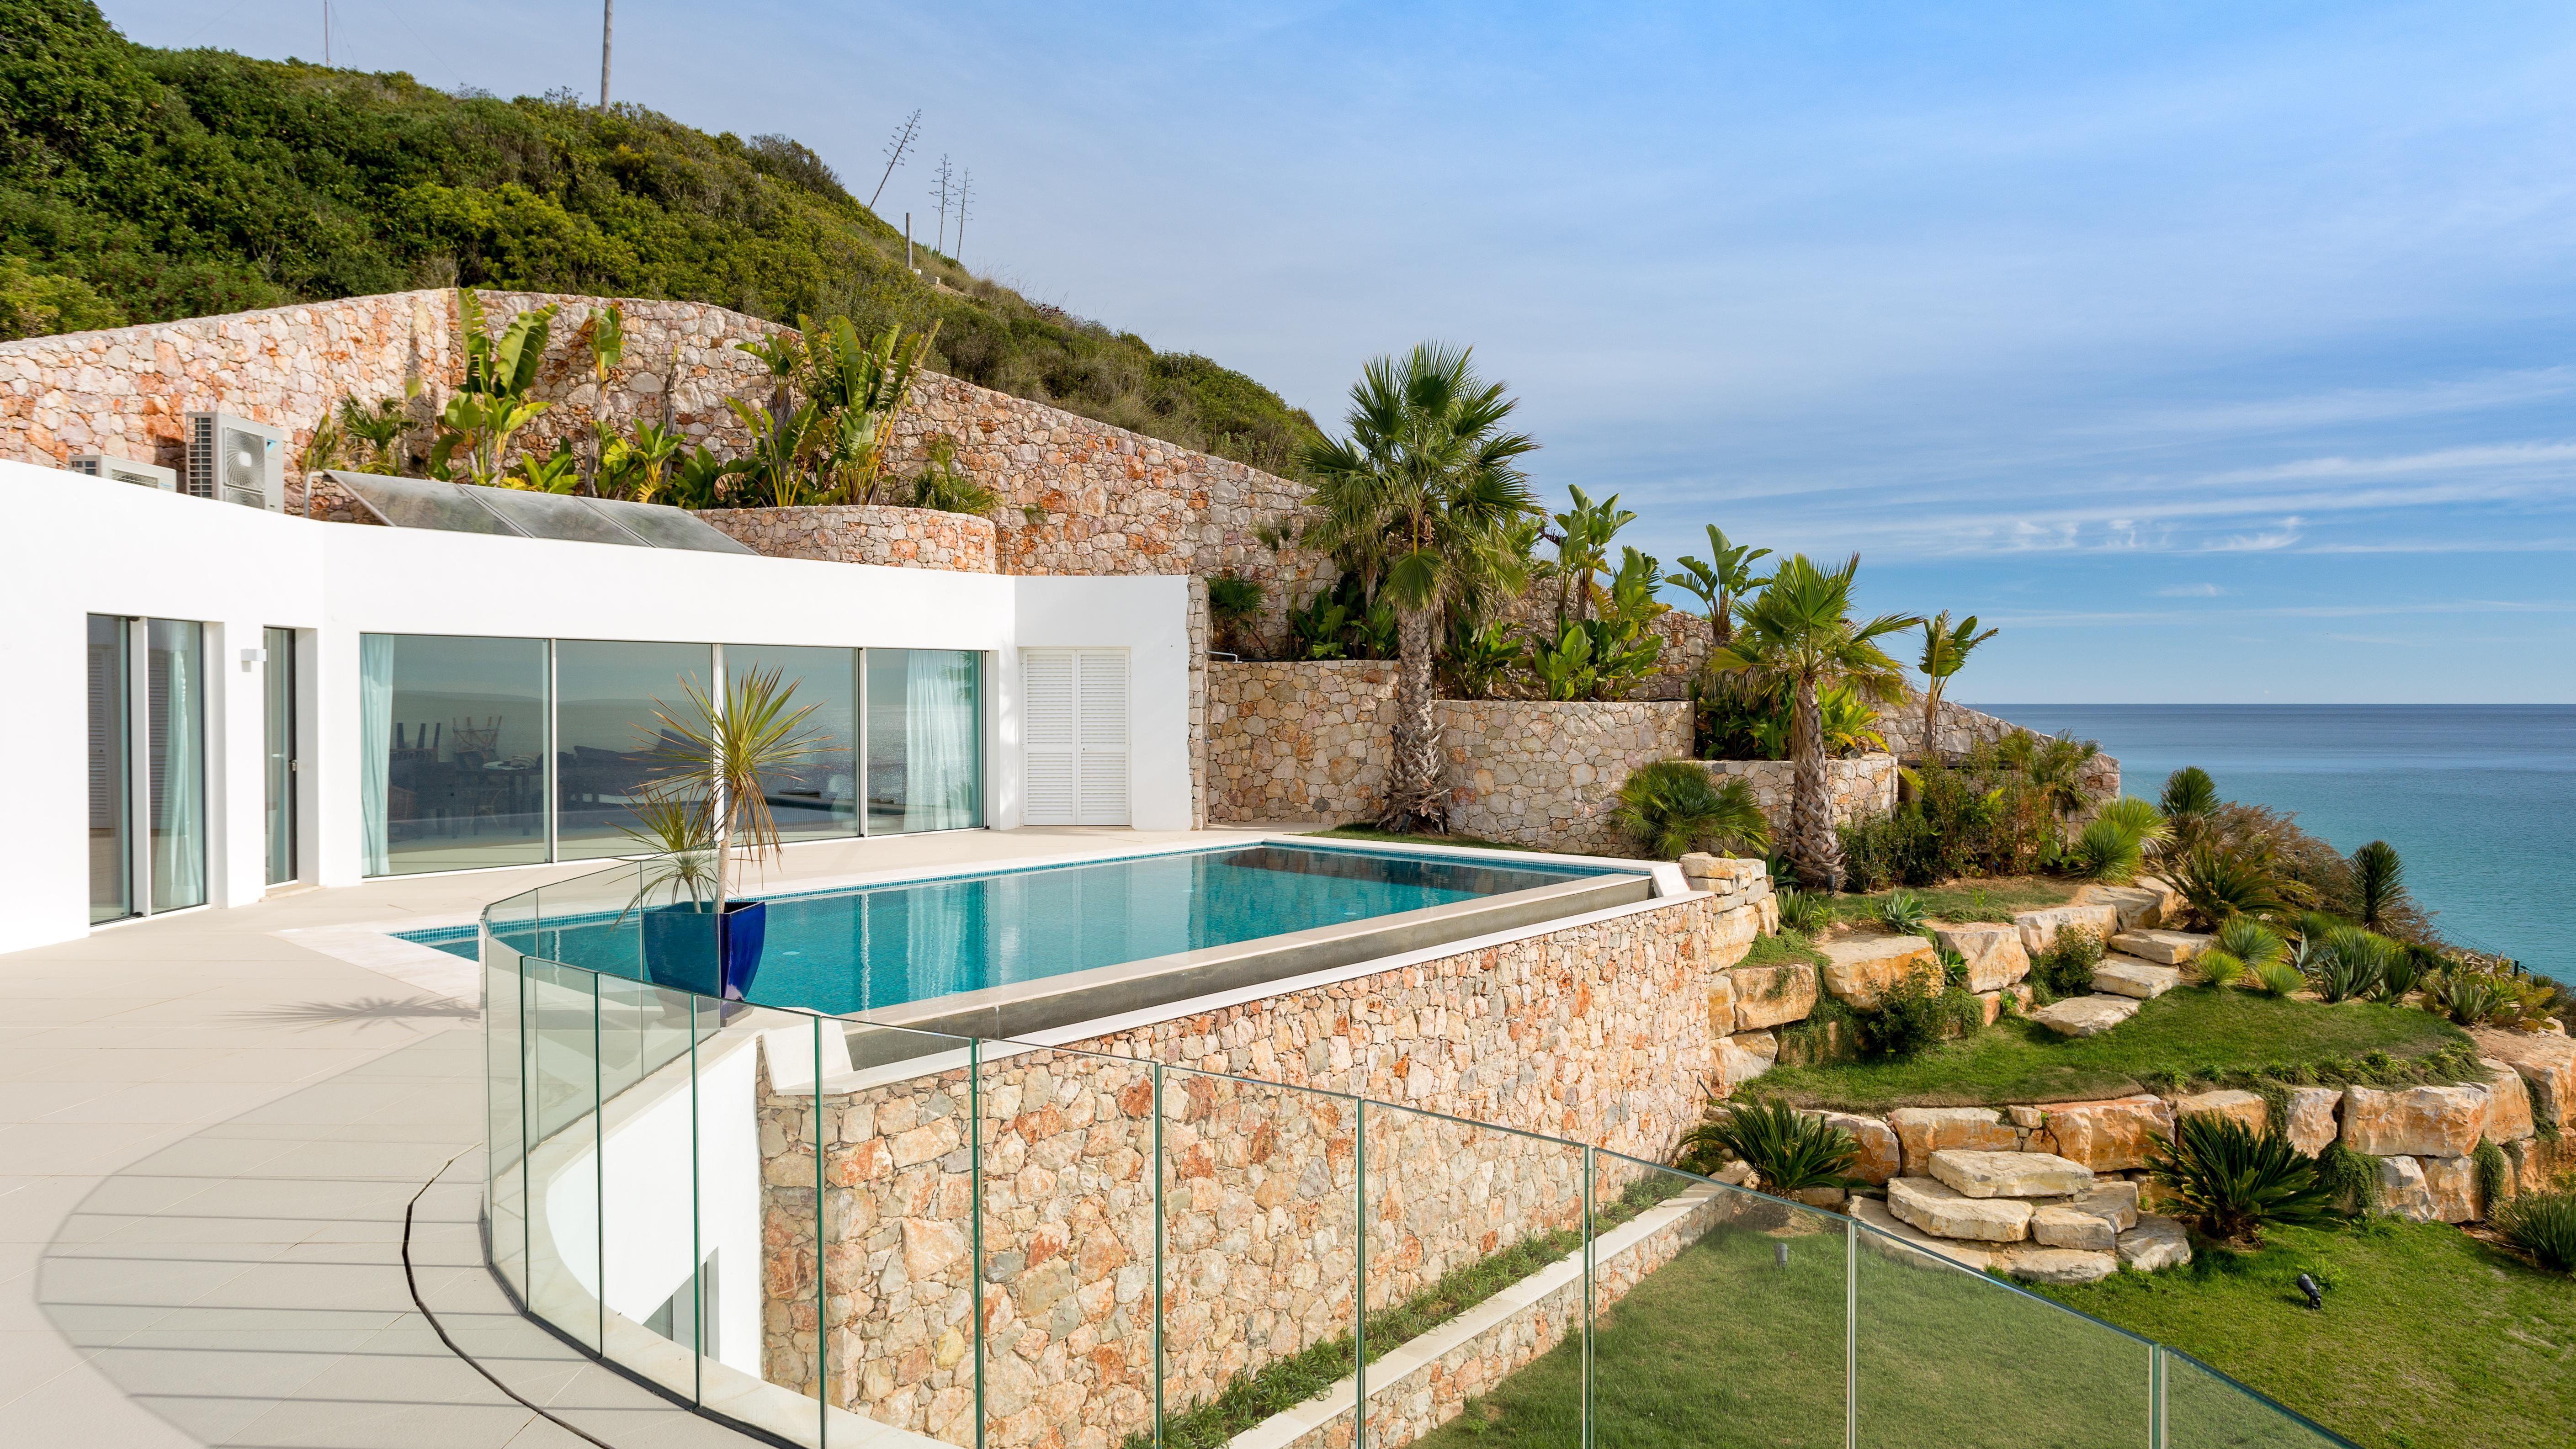 Private Villas In Portugal ten great villas to book in portugal | luxury villa rentals